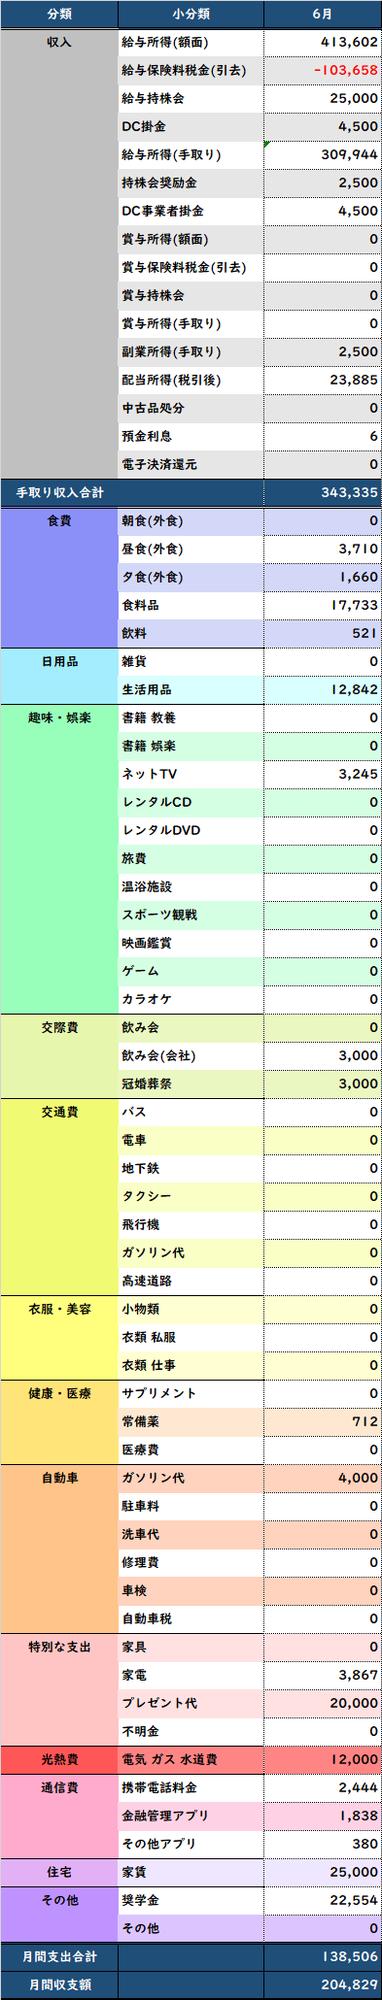 f:id:Hakurei:20200721192005p:plain